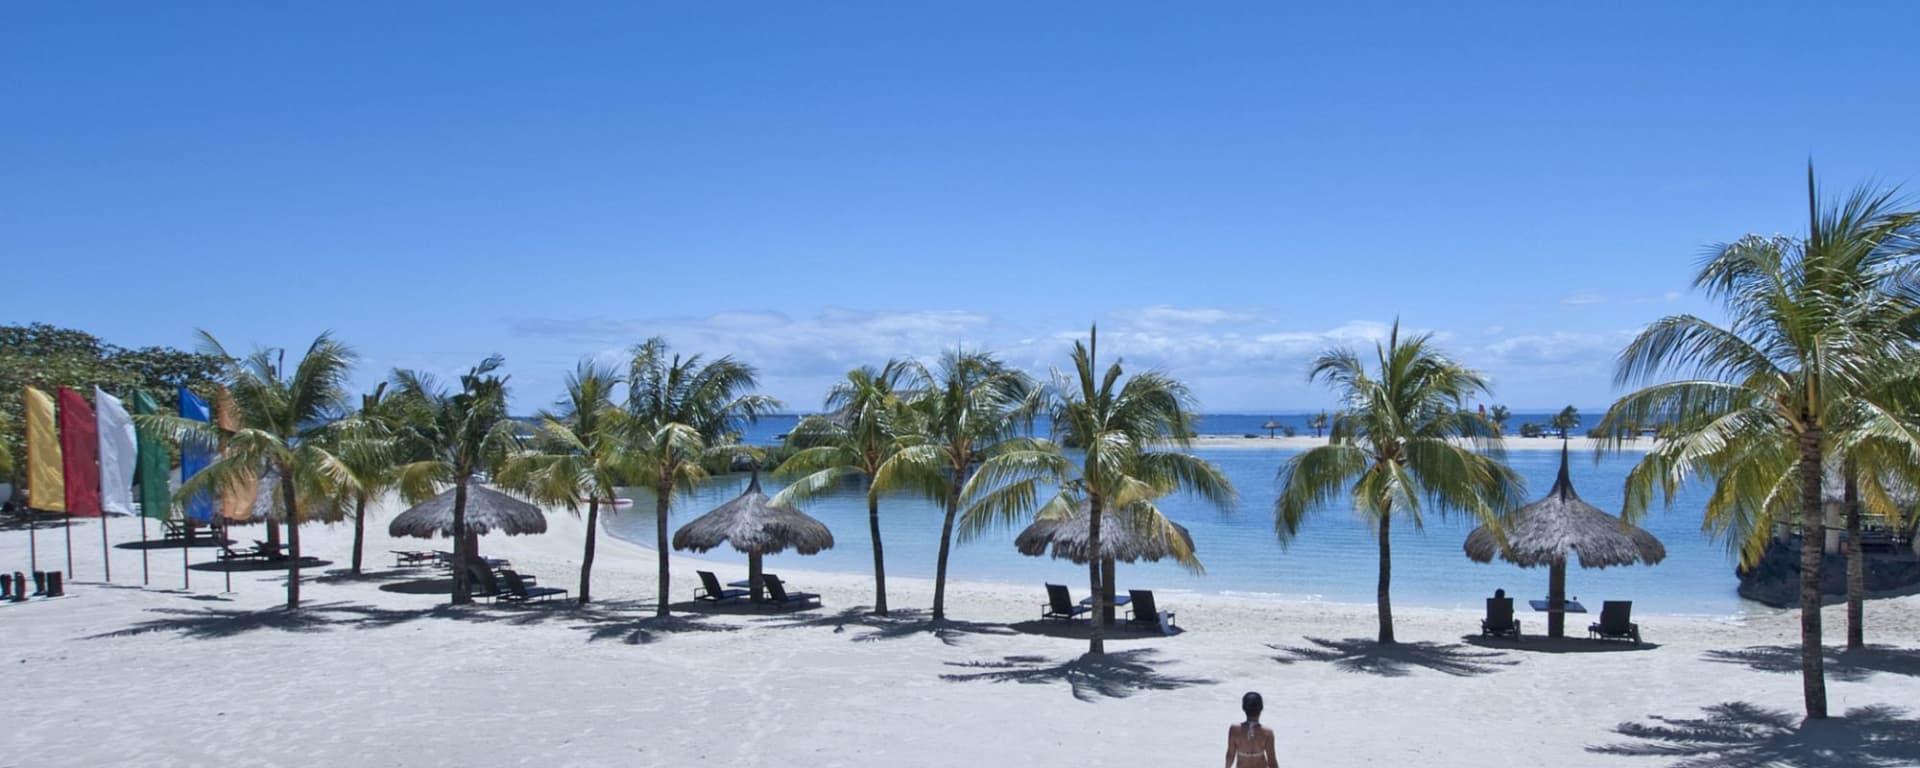 Bluewater Maribago Beach Resort in Cebu: Beachfront